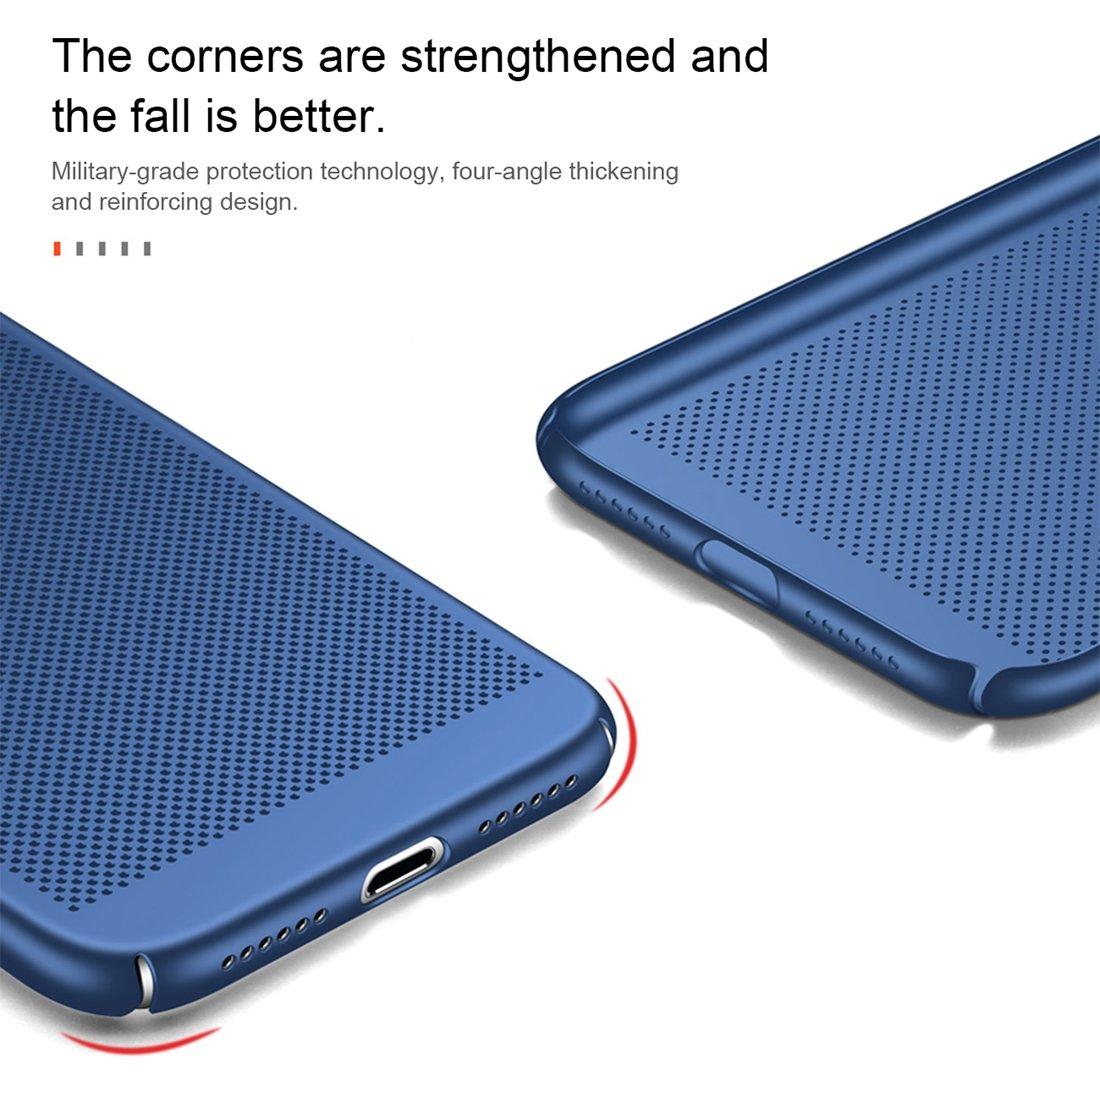 Ultra PC de disipaci/ón de Calor Caso Duro Antideslizantes de contraportada Completo Proteger c/áscara del tel/éfono m/óvil,Rojo CTGVH iPhone 8 Funda